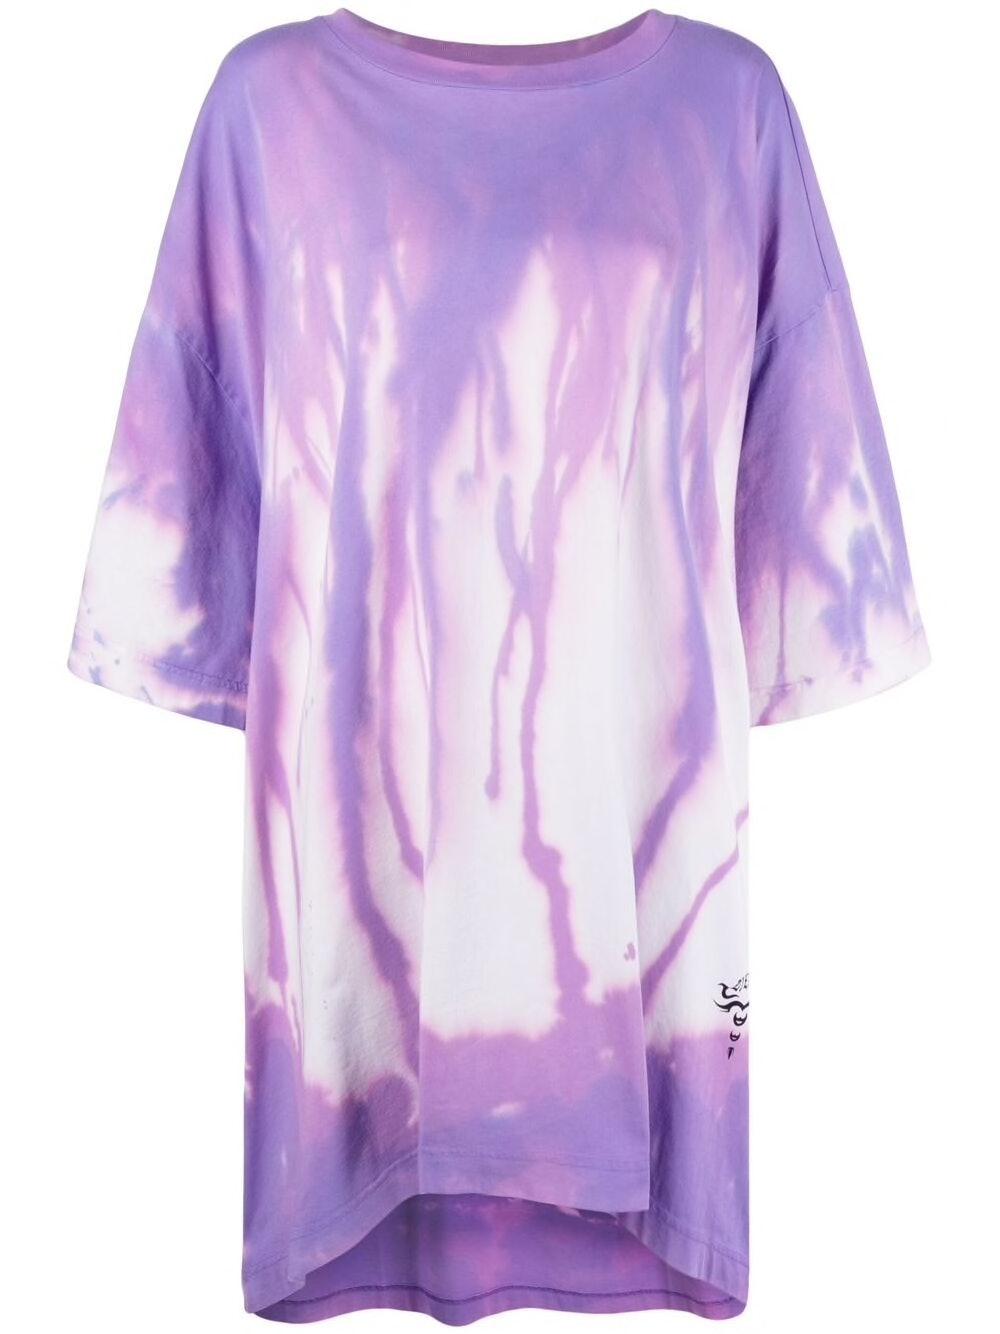 Diesel oversized tie-dye T-shirt dress